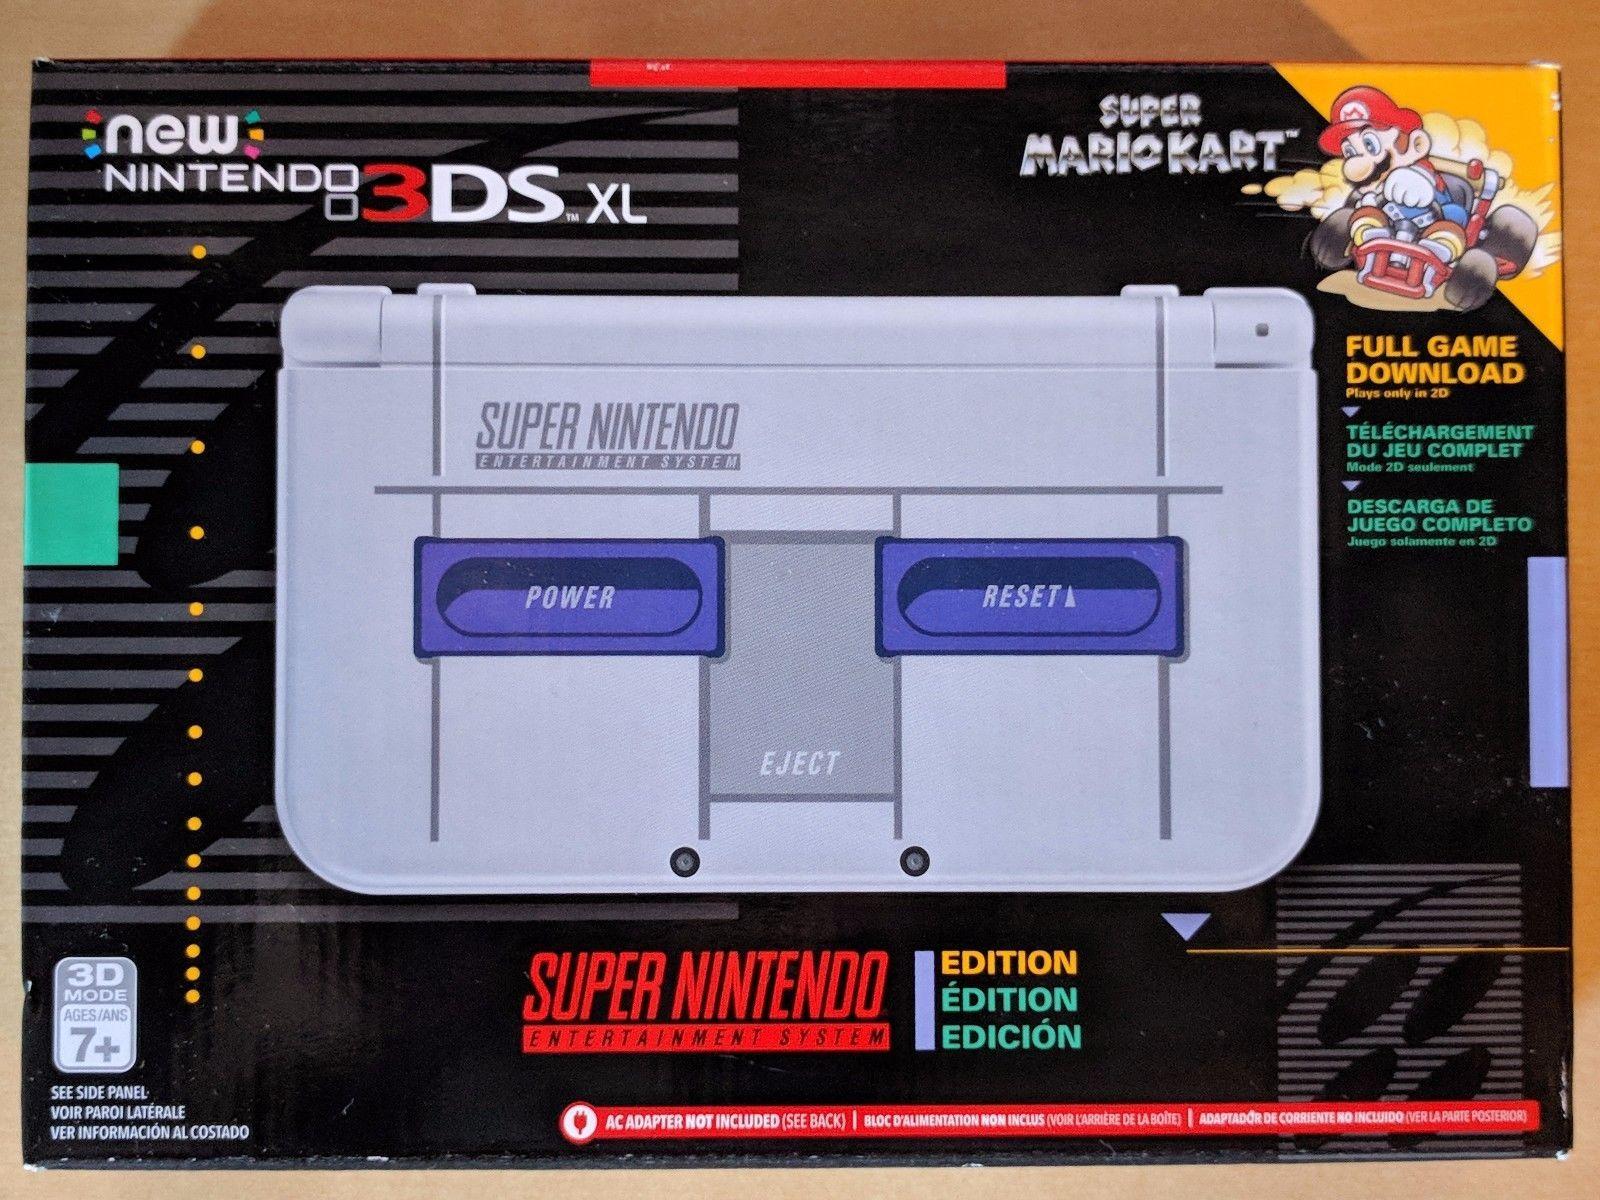 New Nintendo 3Ds XL Super Nintendo + Carregador Original Nintendo + 30 Jogos 3D na Memória